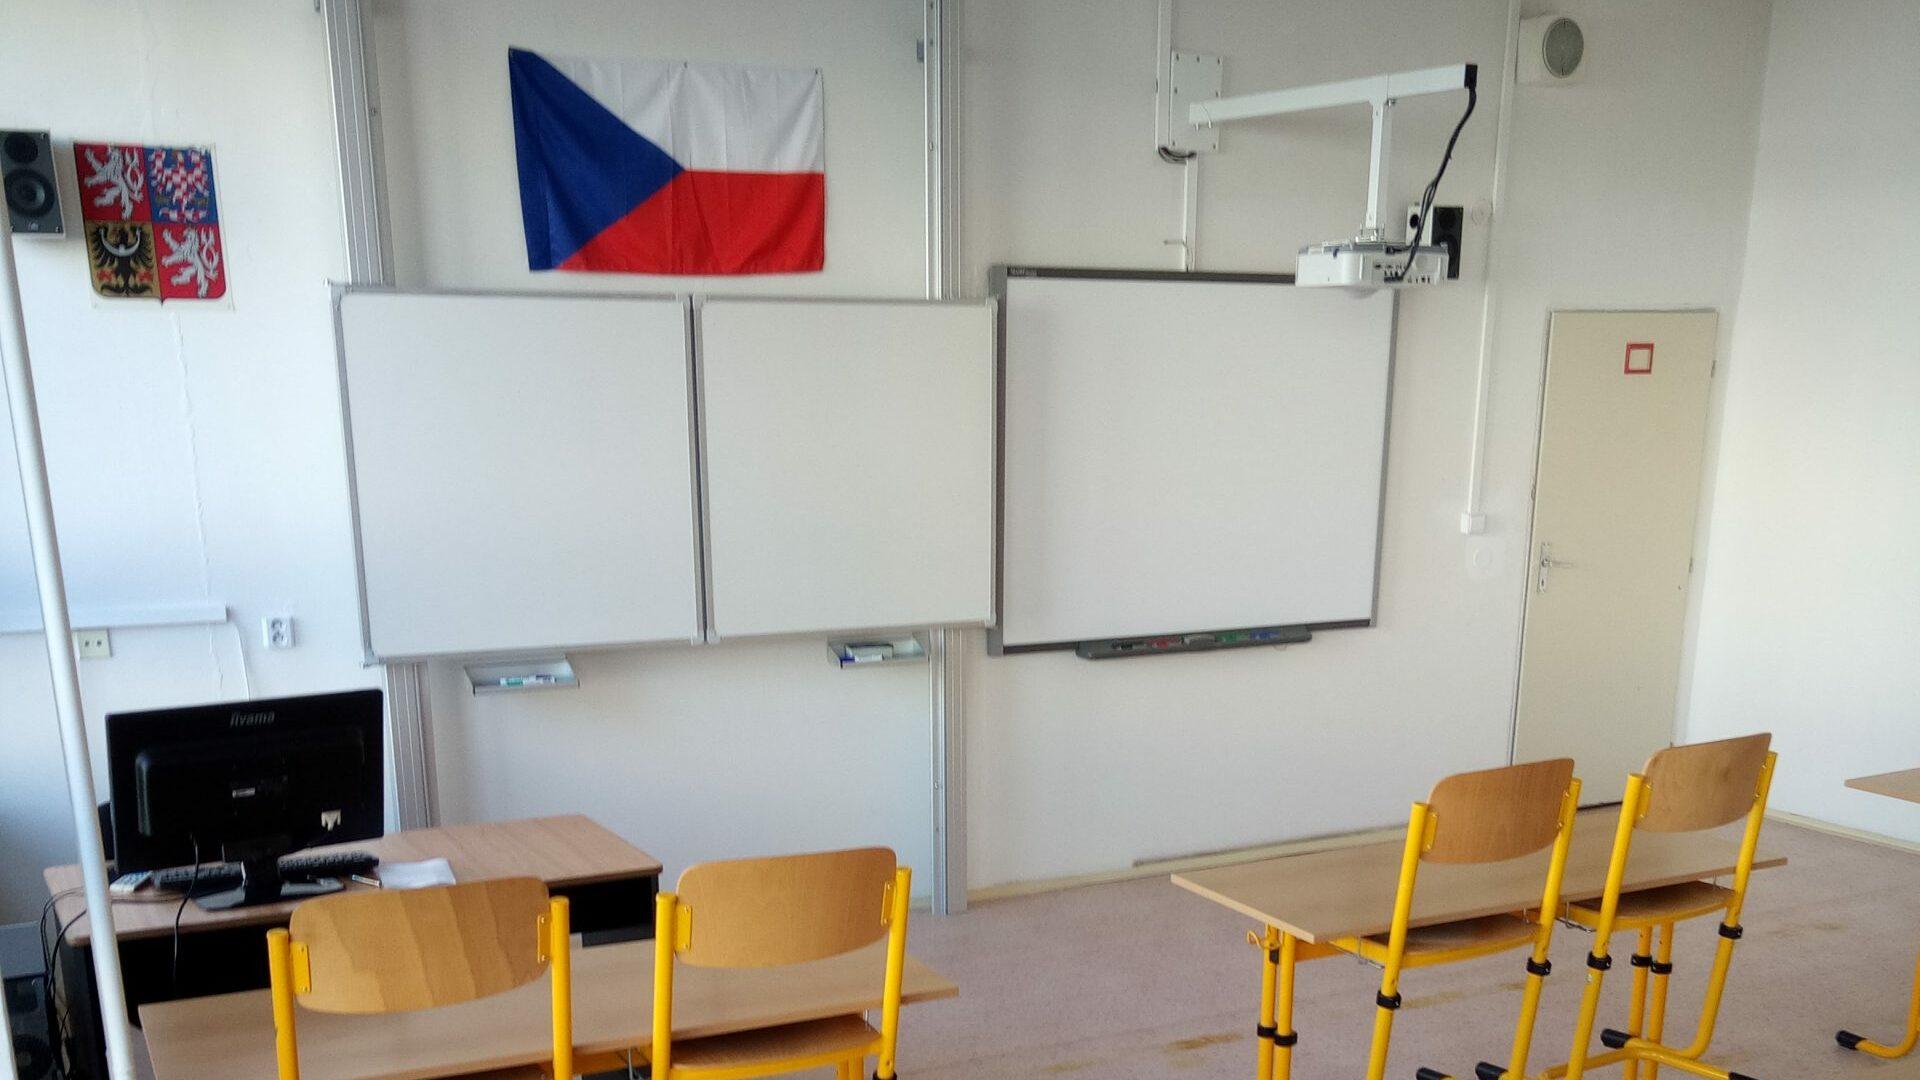 Střední škola cestovního ruchu uvnitř anglický příměstský tábor Pardubice